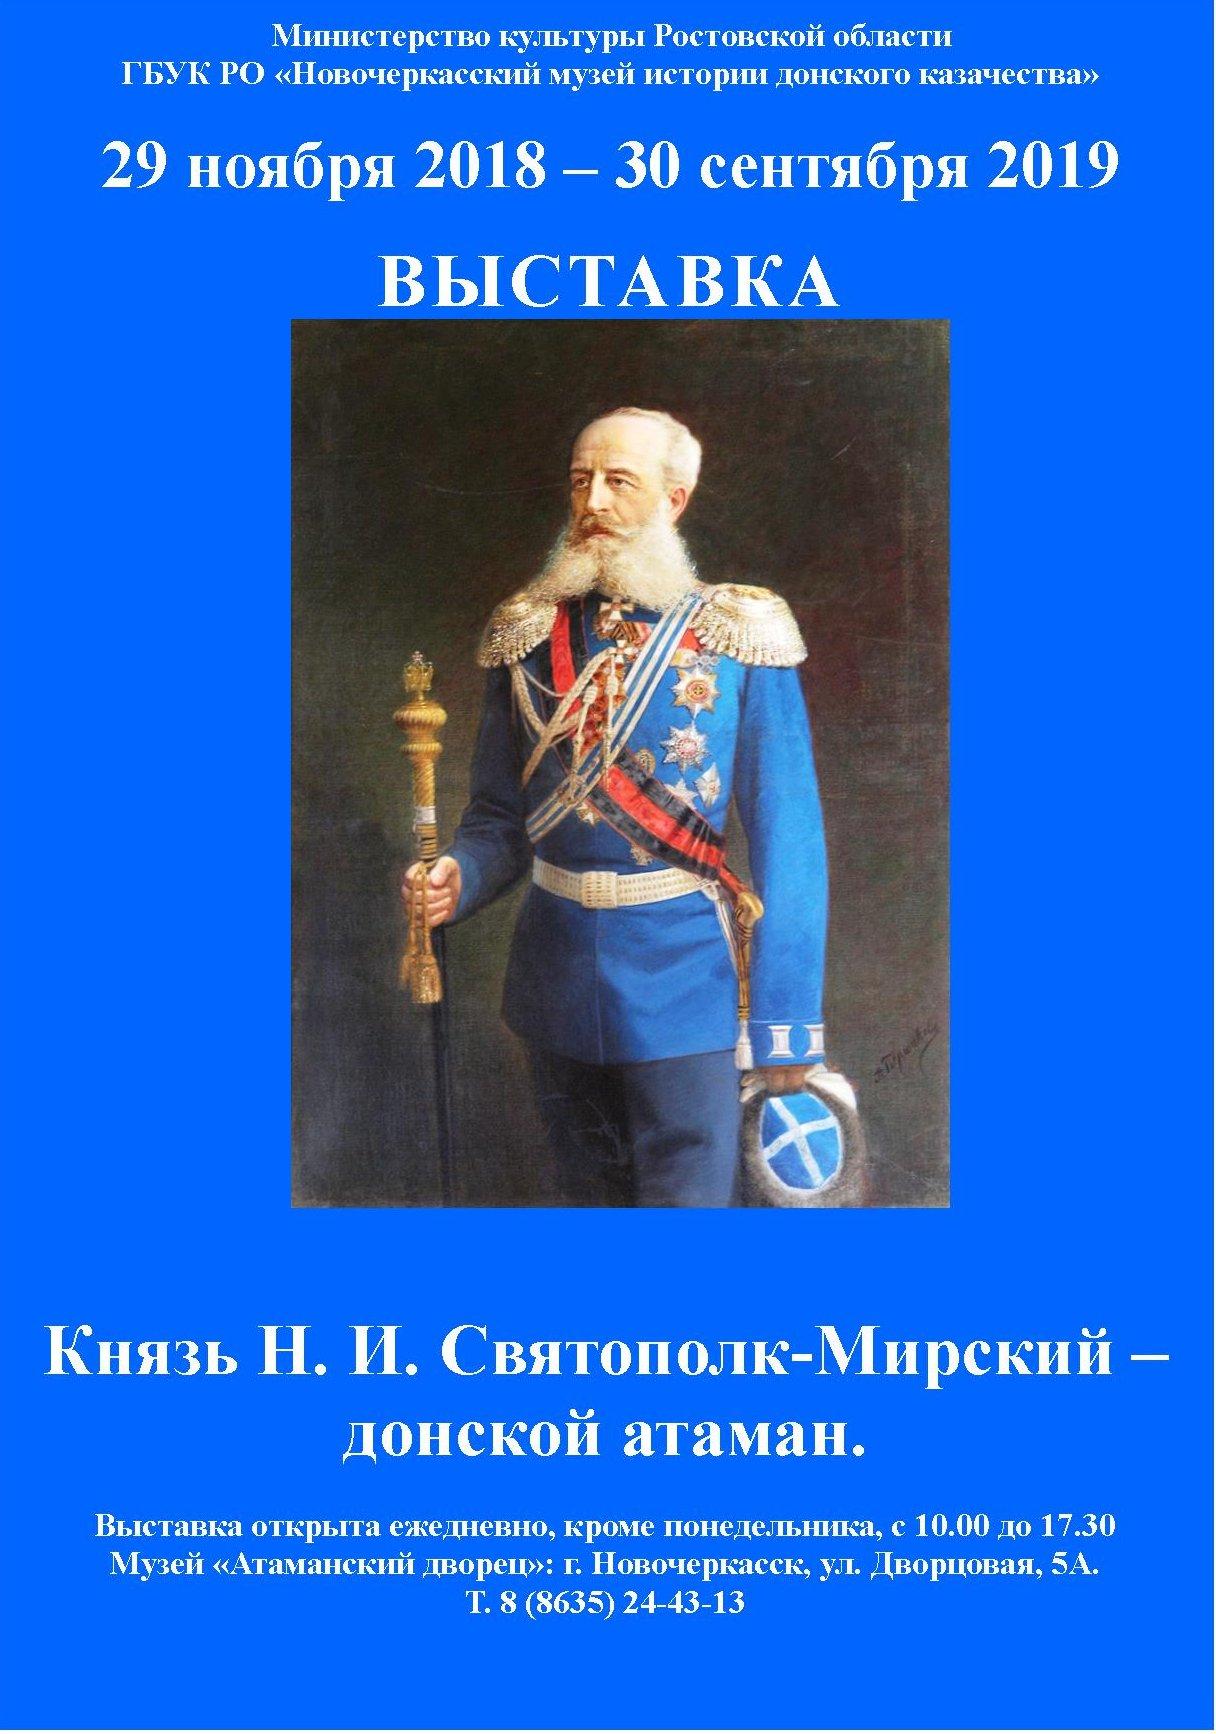 Выставка  «Князь Н.И. Святополк-Мирский - донской атаман»